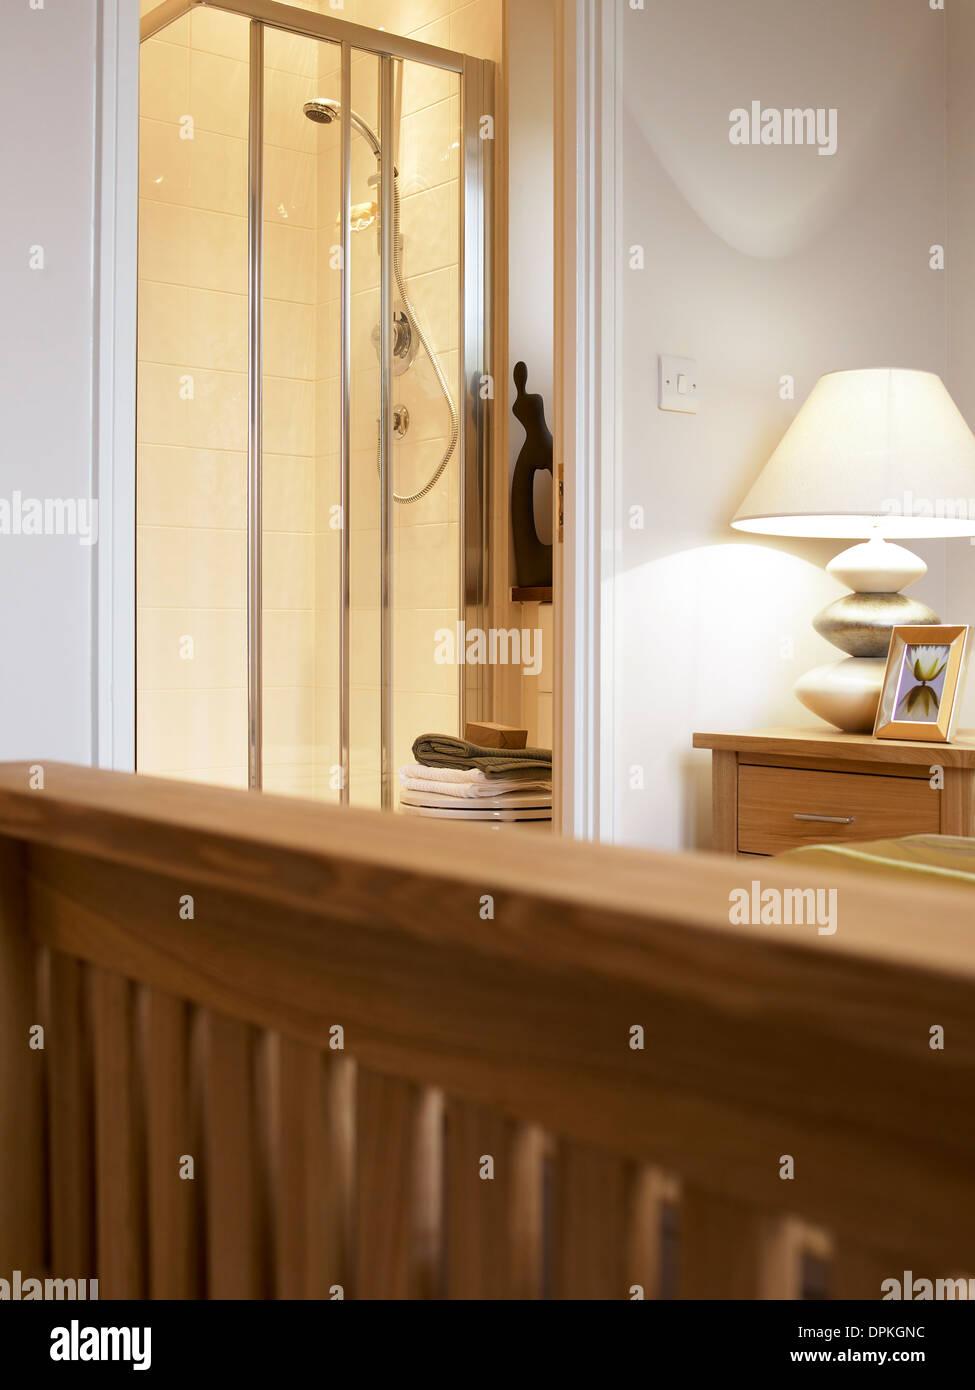 Blick auf Bad Dusche aus Schlafzimmer Stockfoto, Bild: 65583768 - Alamy